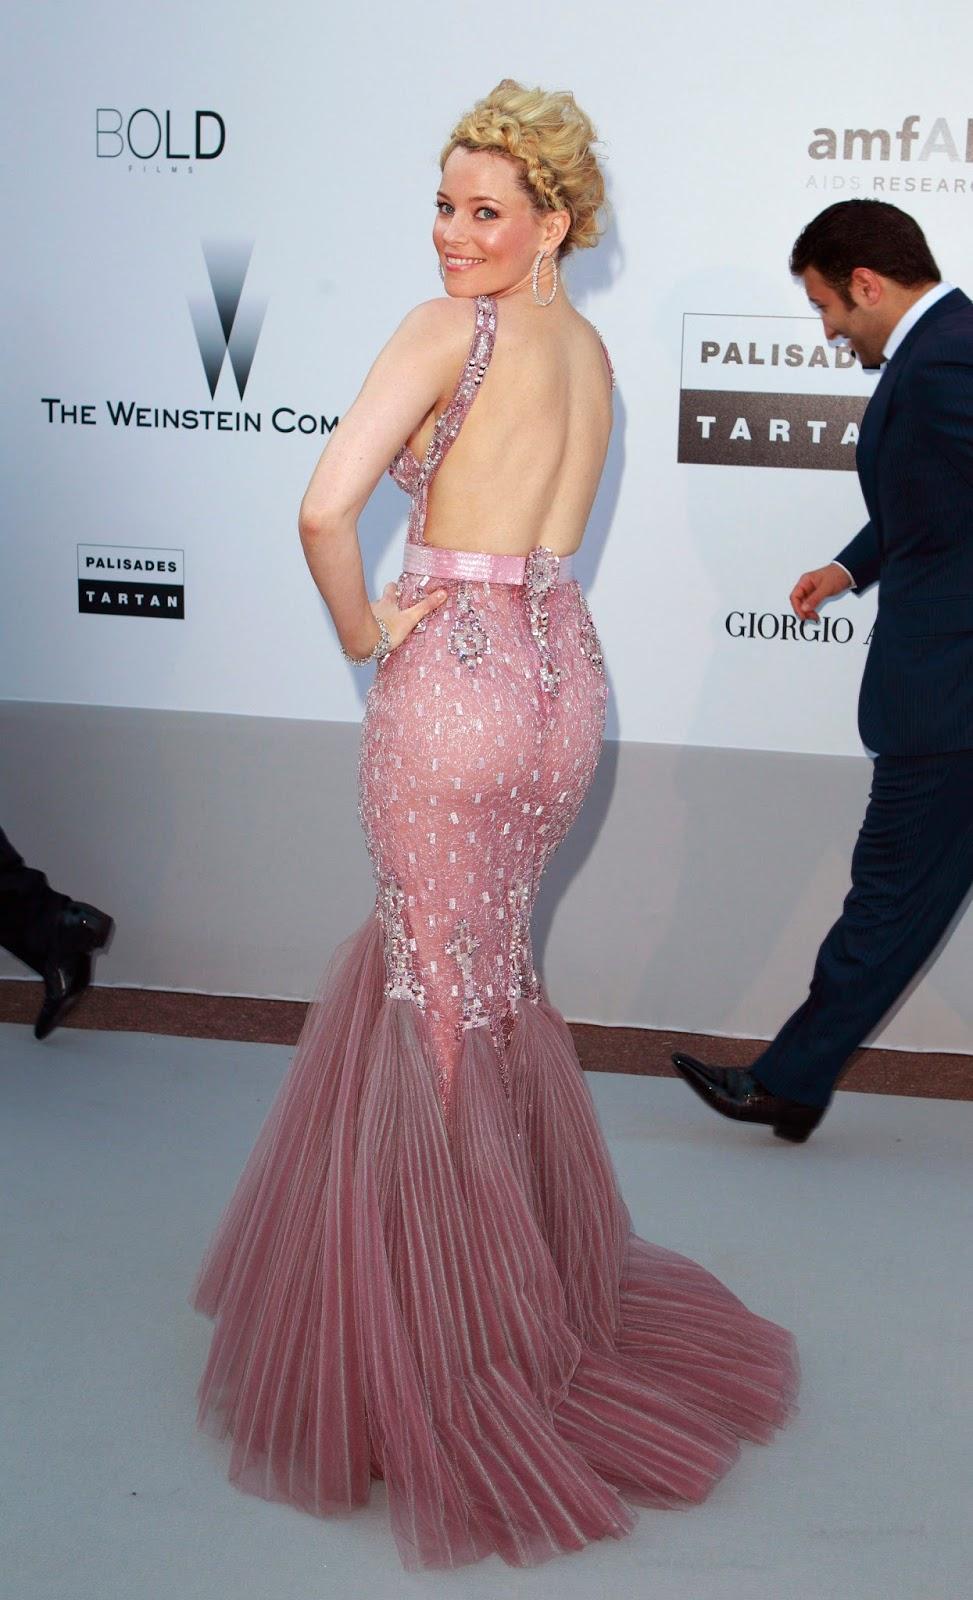 Elizabeth Banks on Awards